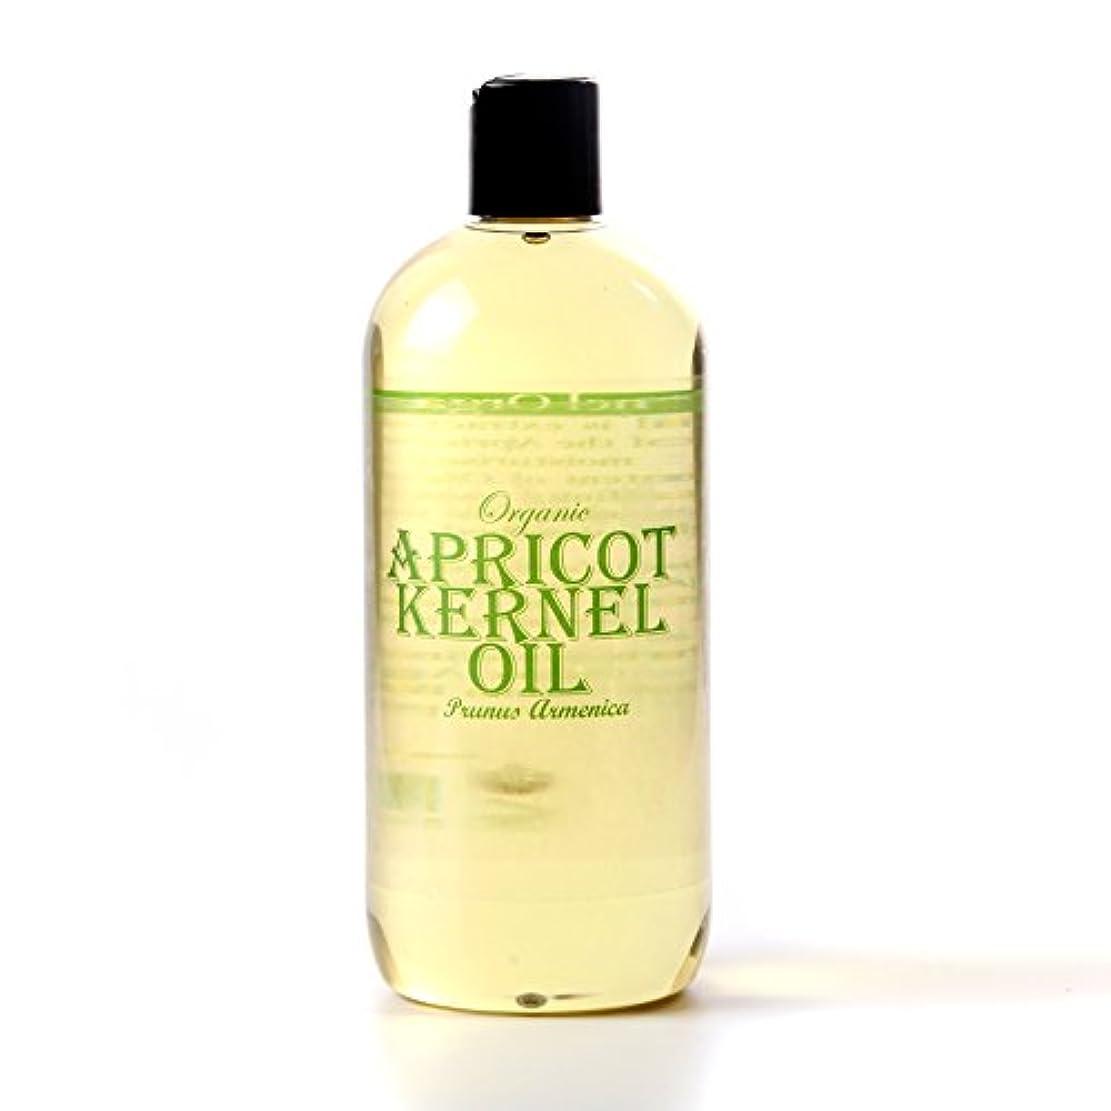 シフトフクロウ測定可能Mystic Moments | Apricot Kernel Organic Carrier Oil - 500ml - 100% Pure